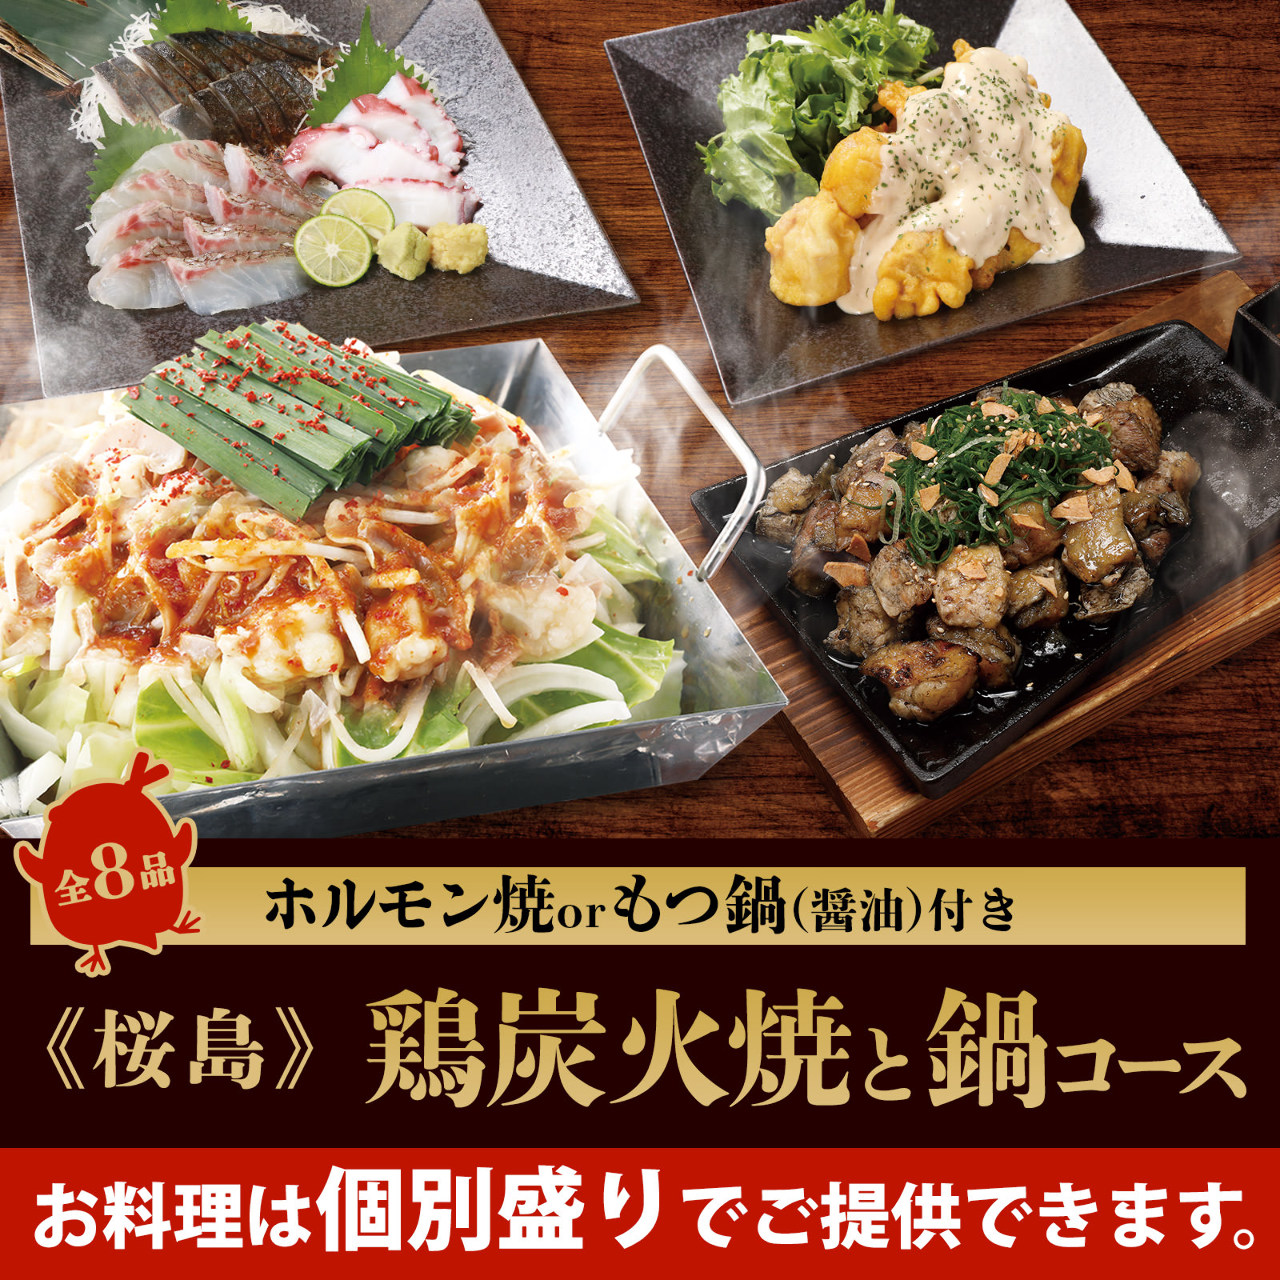 《桜島》地どり炭火焼と農場名物!鍋が選べるコース【8品】